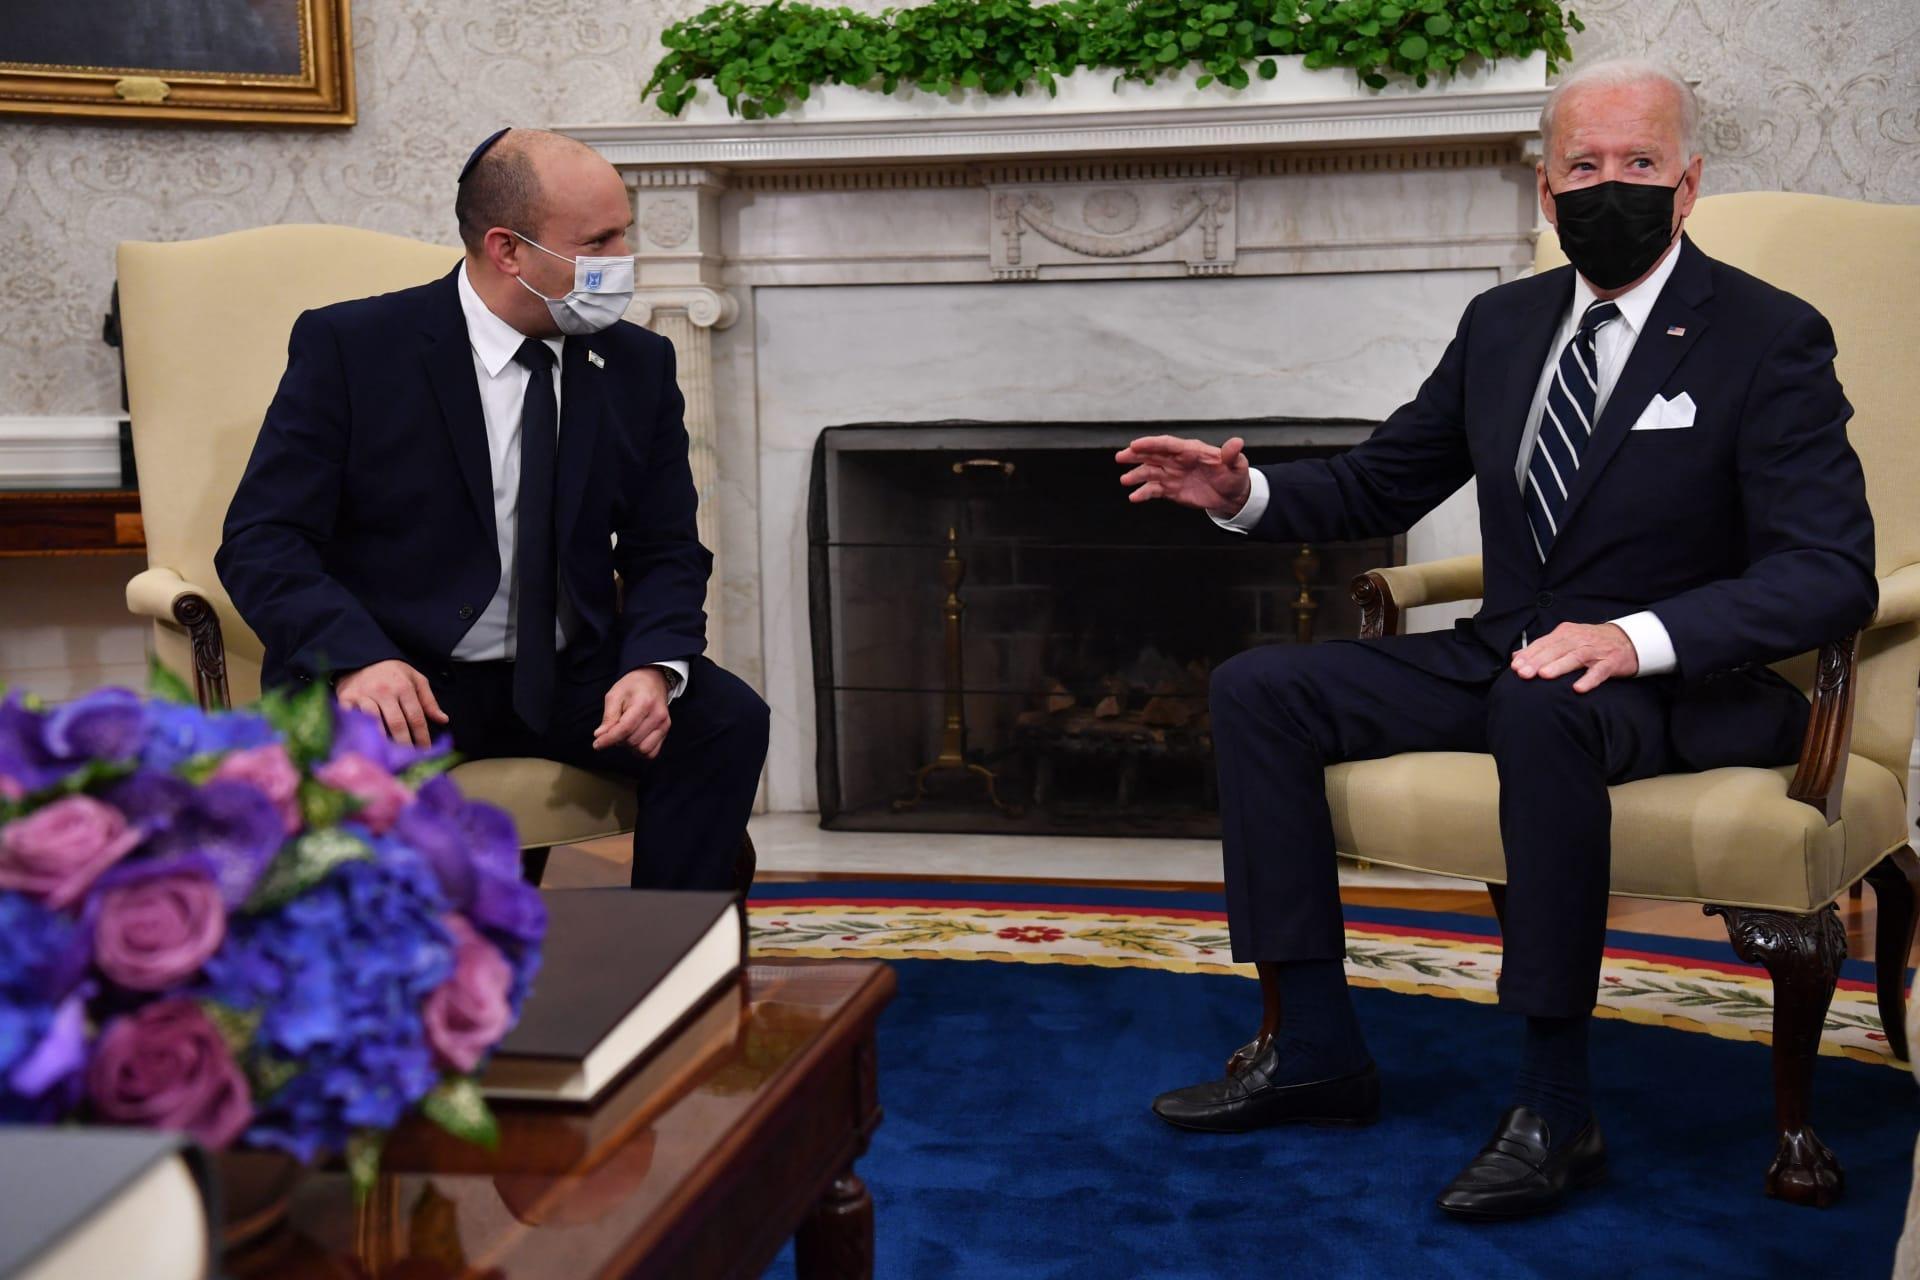 لقاء الرئيس الأمريكي، جو بايدن، مع رئيس الوزراء الإسرائيلي، نفتالي بينيت، في البيت الأبيض